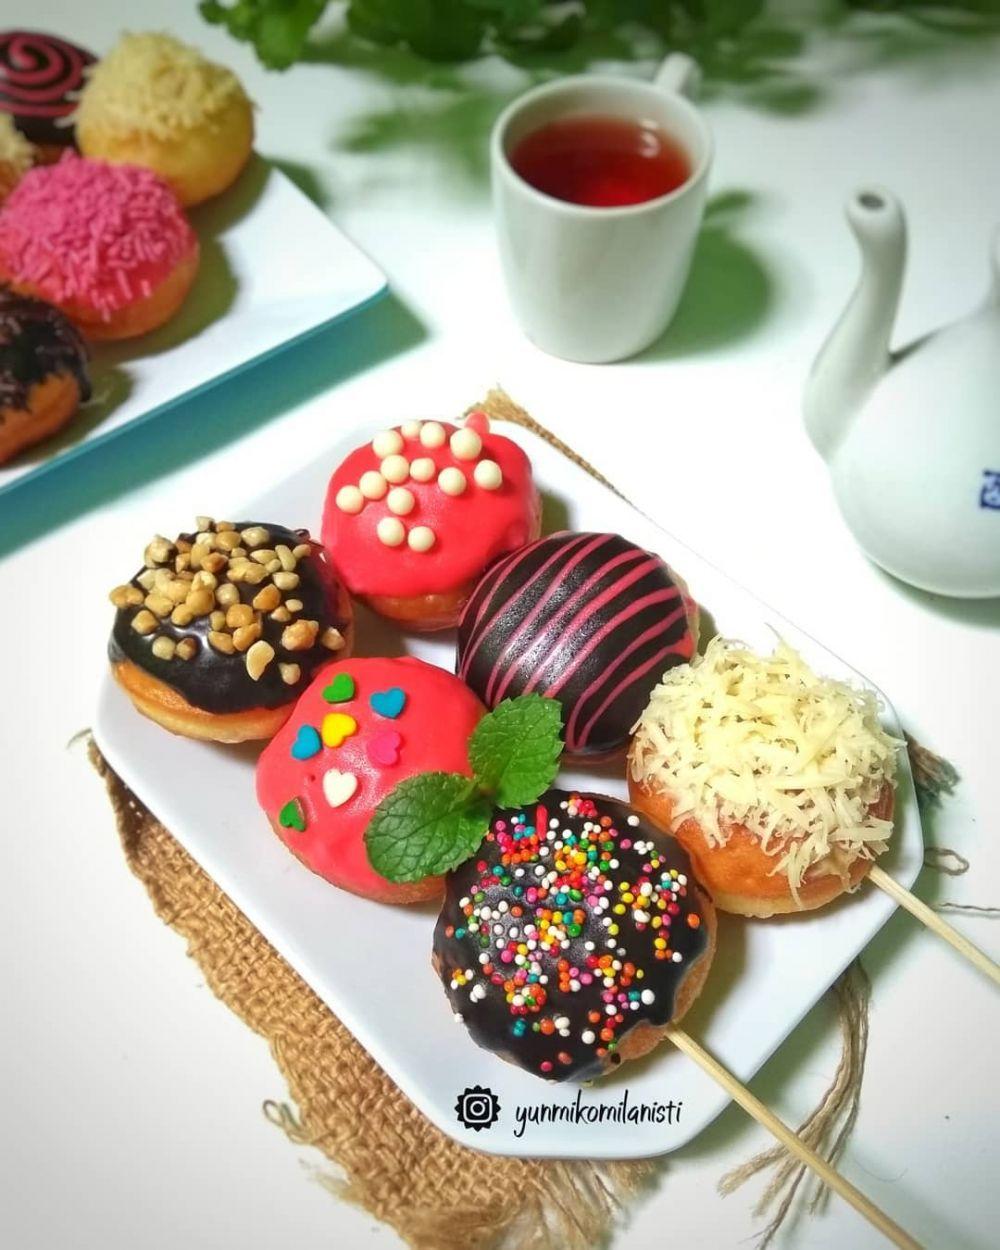 20 Resep Makanan Untuk Dijual Murah Enak Dan Simpel Berbagai Sumber Resep Makanan Makanan Resep